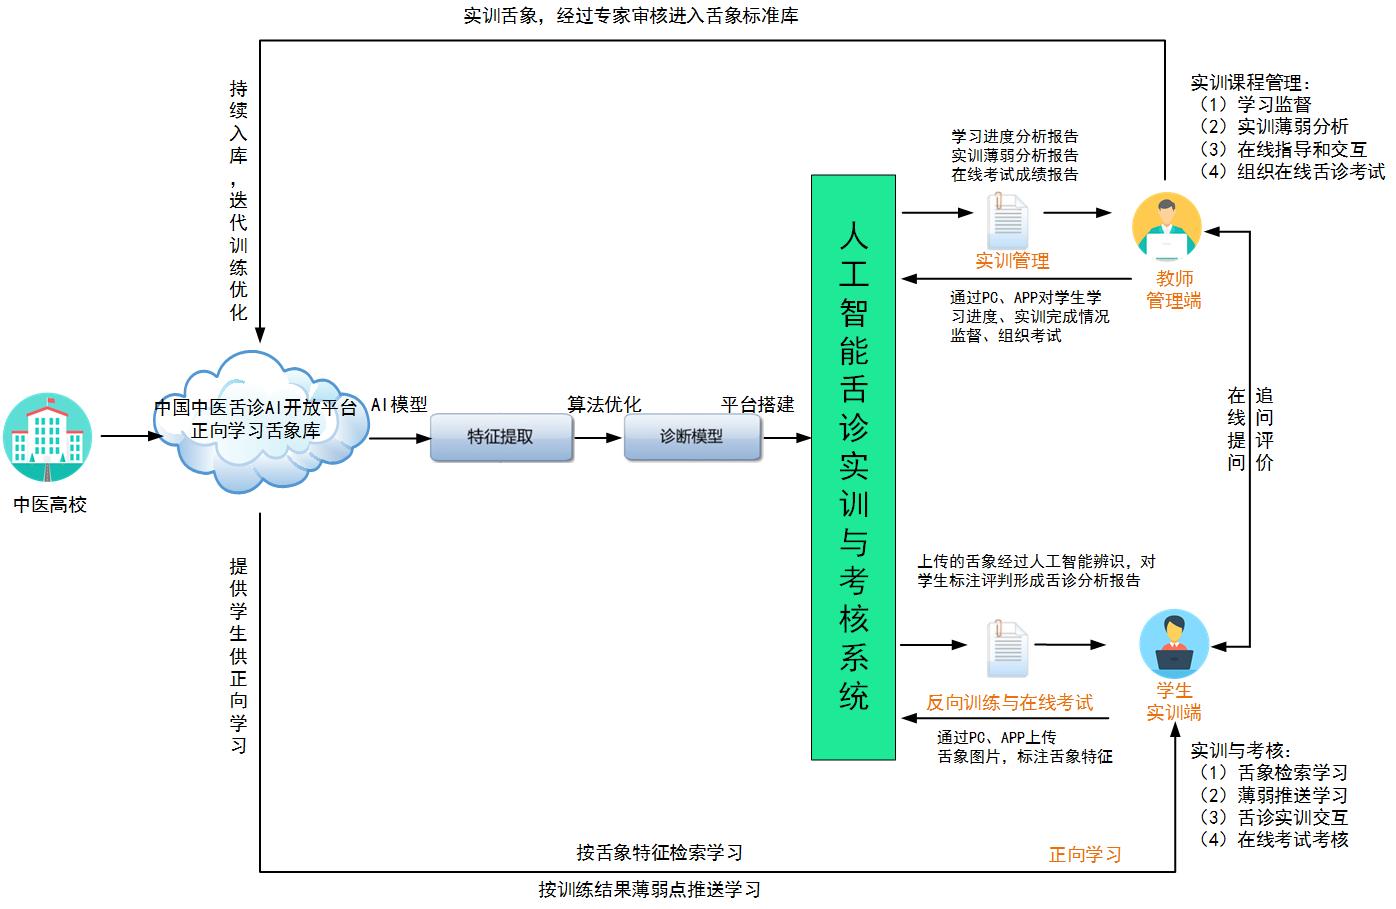 中医舌诊实训系统流程-黑体 .png